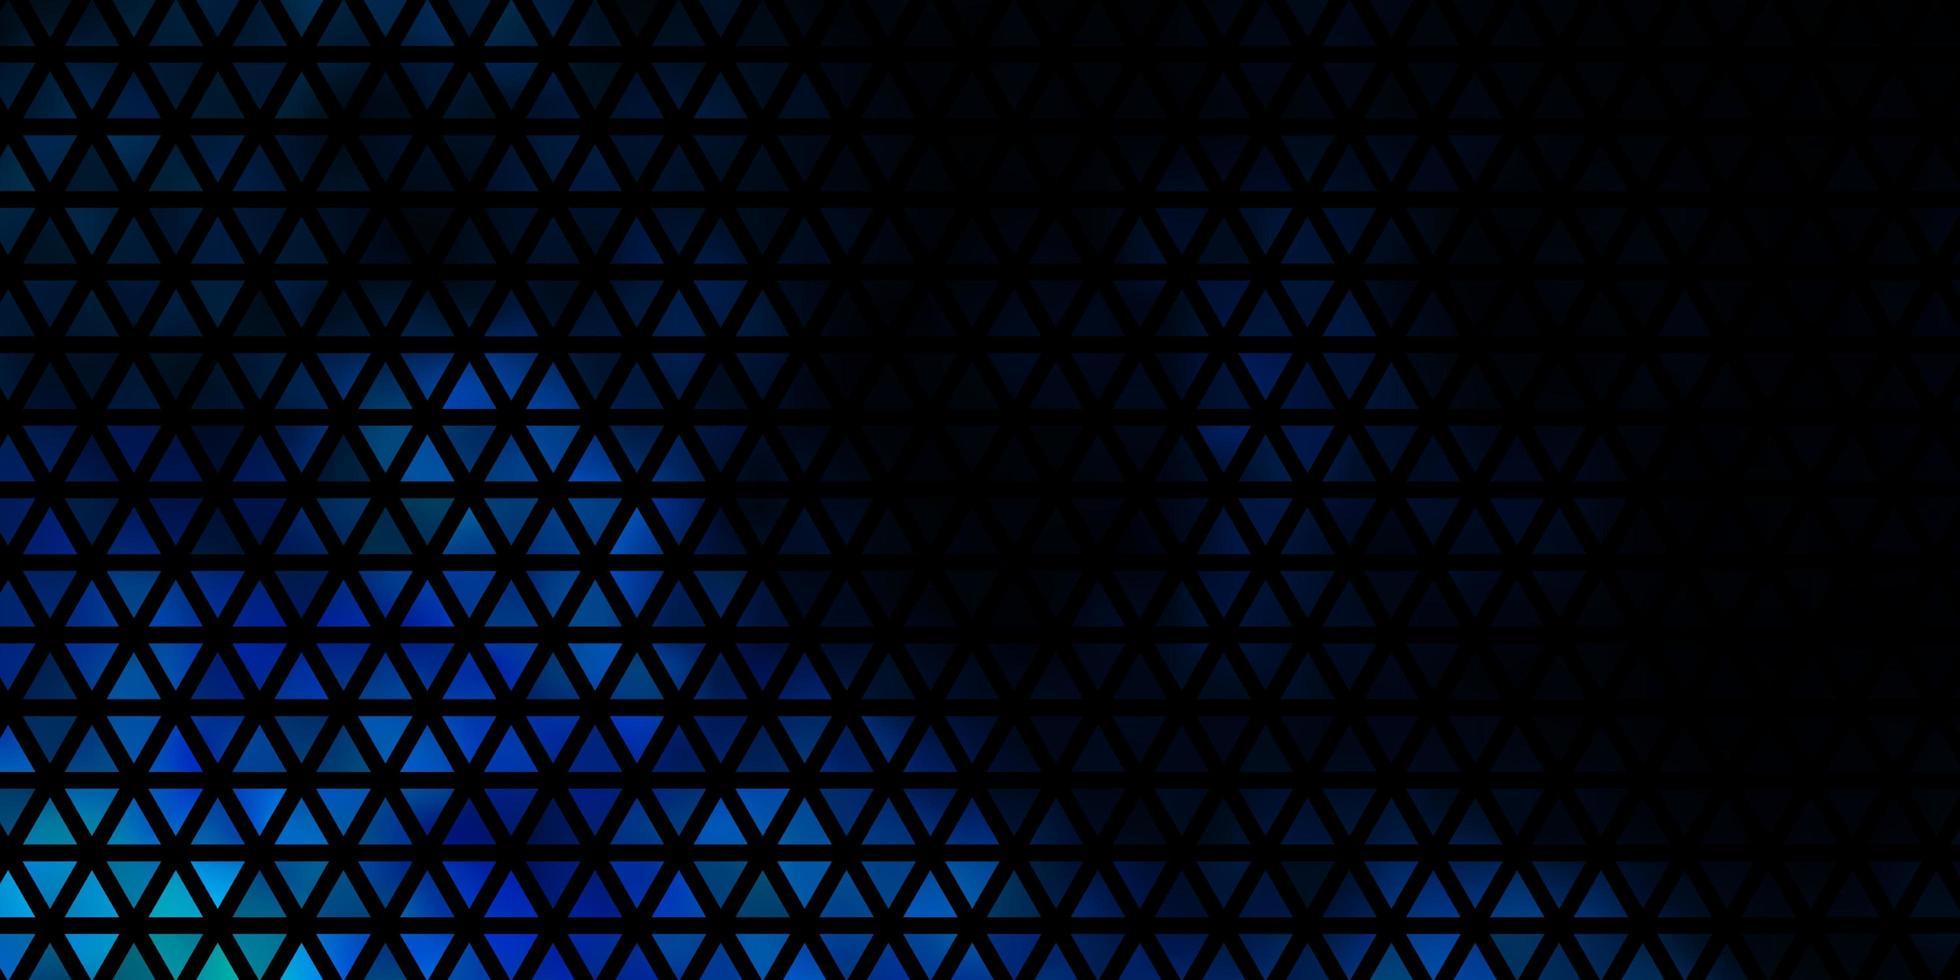 modèle vectoriel bleu clair avec un style polygonal.